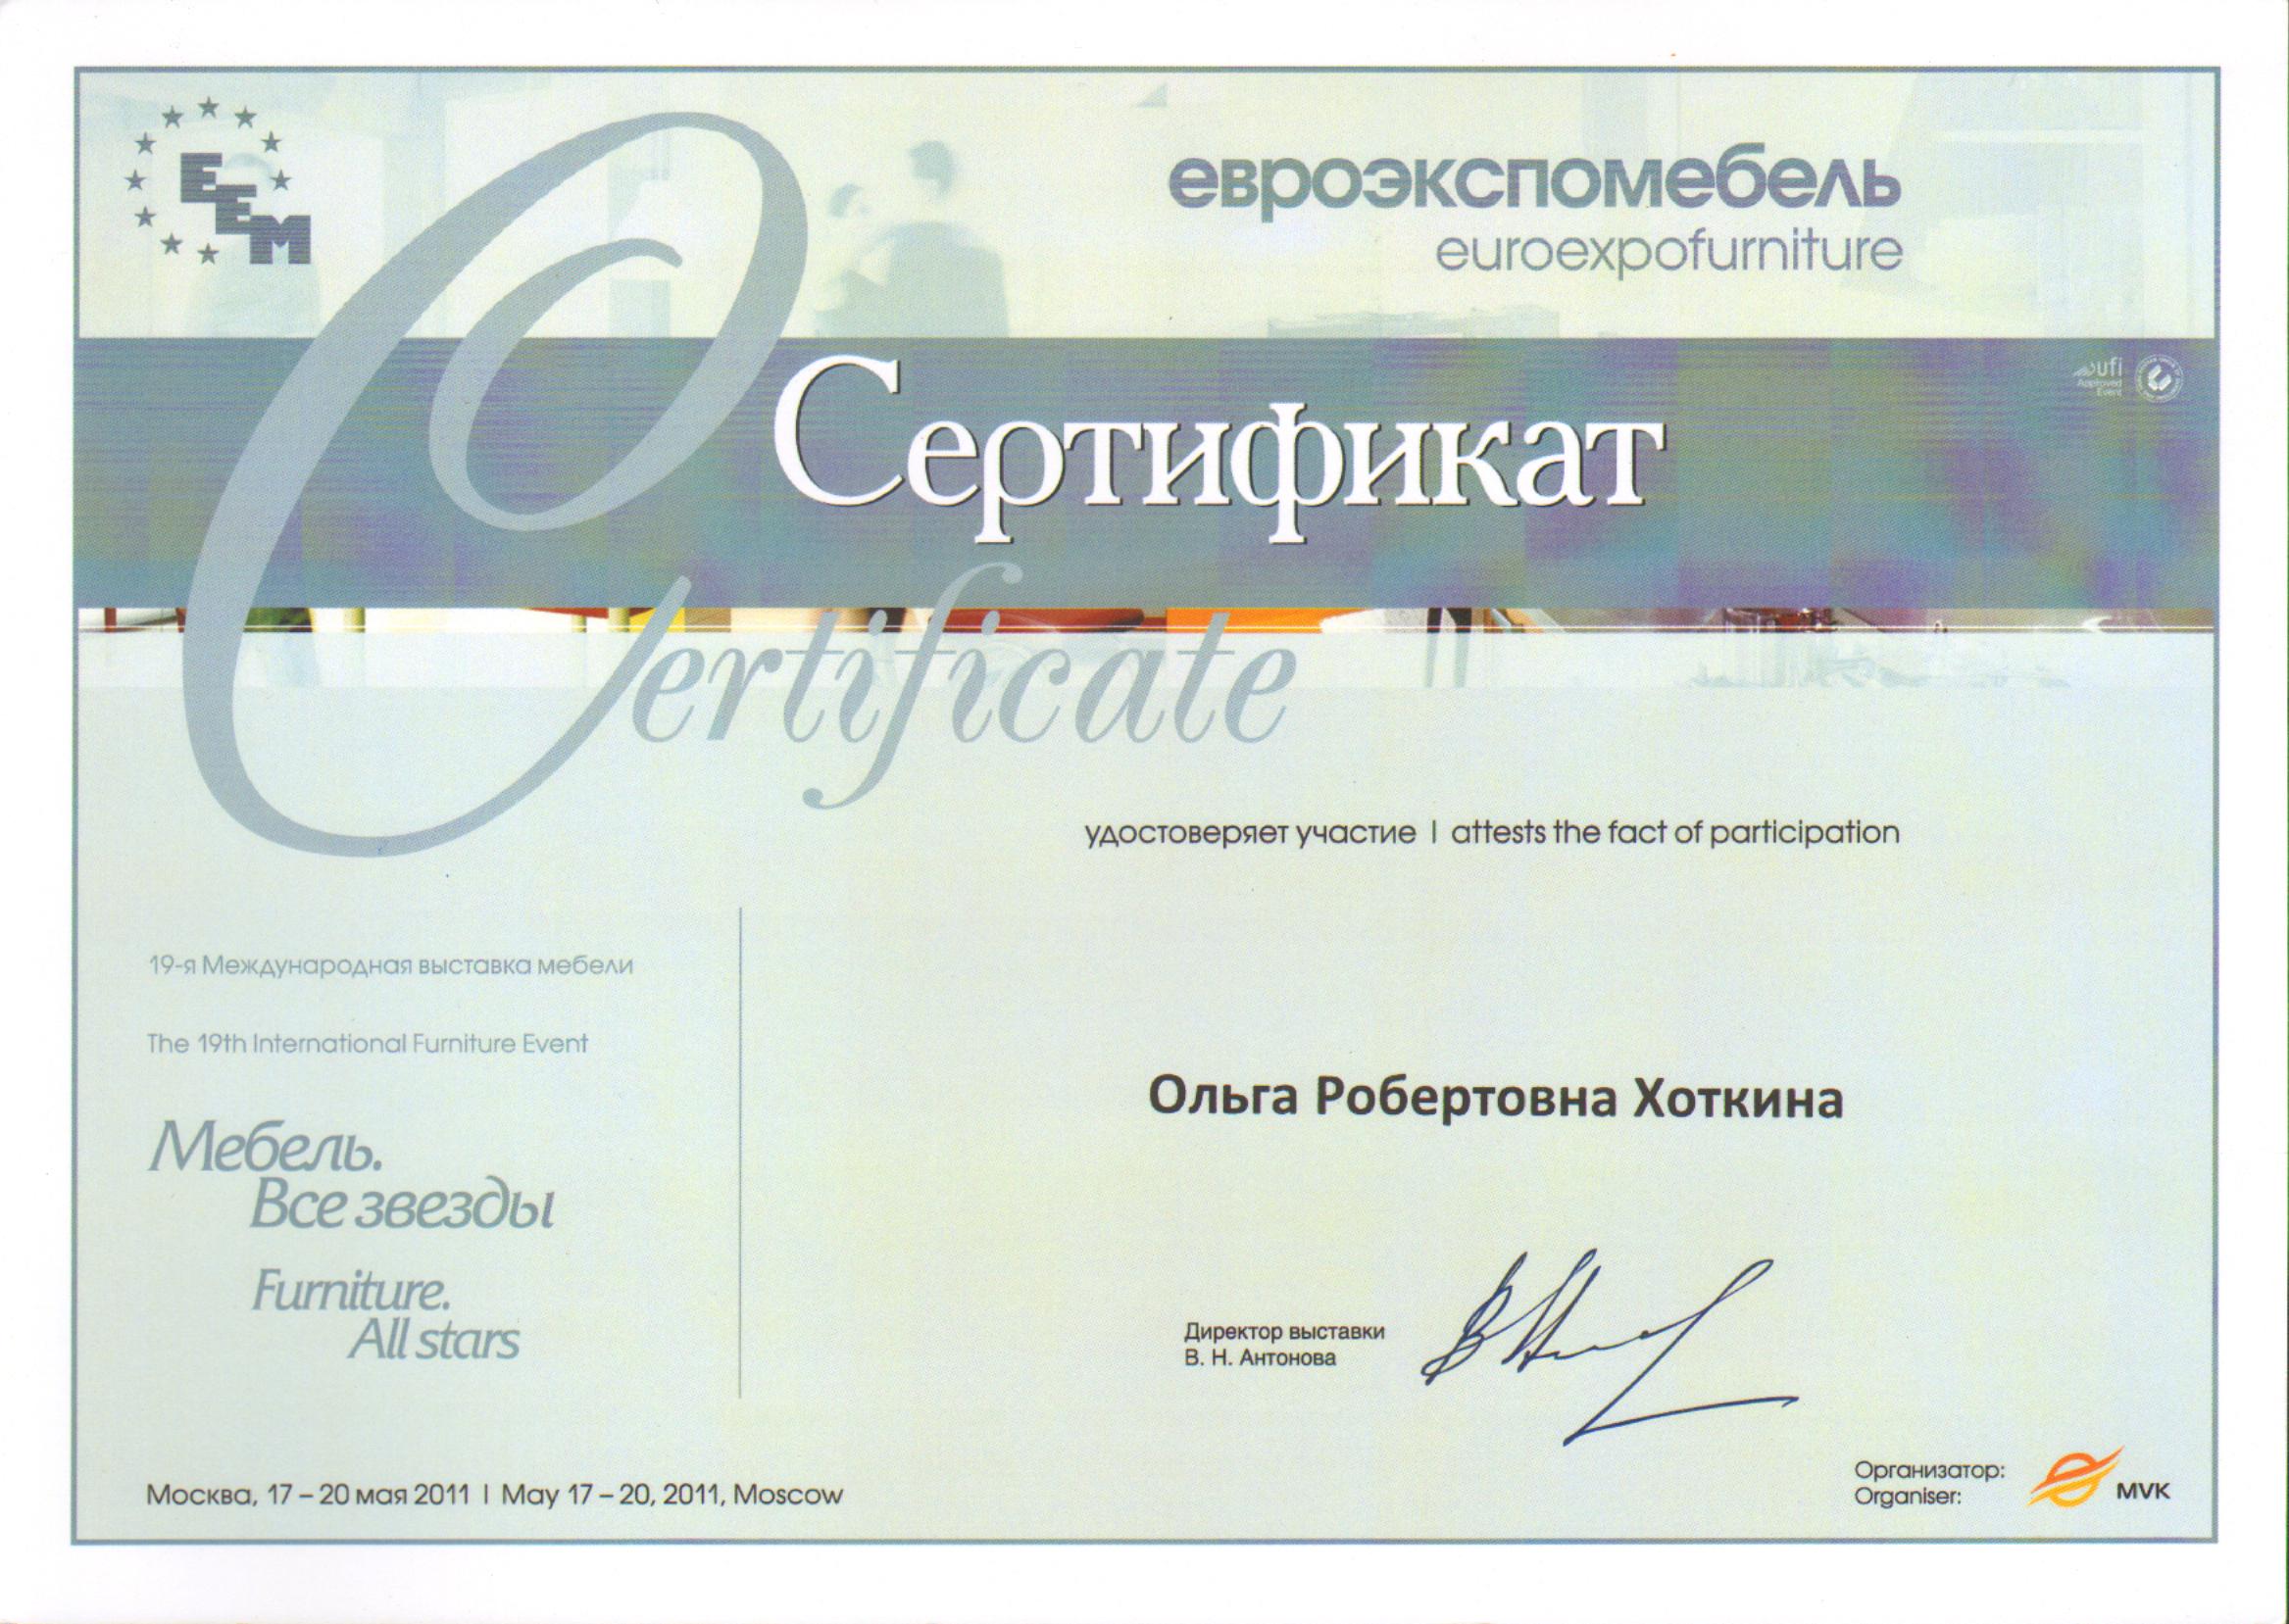 Сертификат Евроэкспомебель.jpg